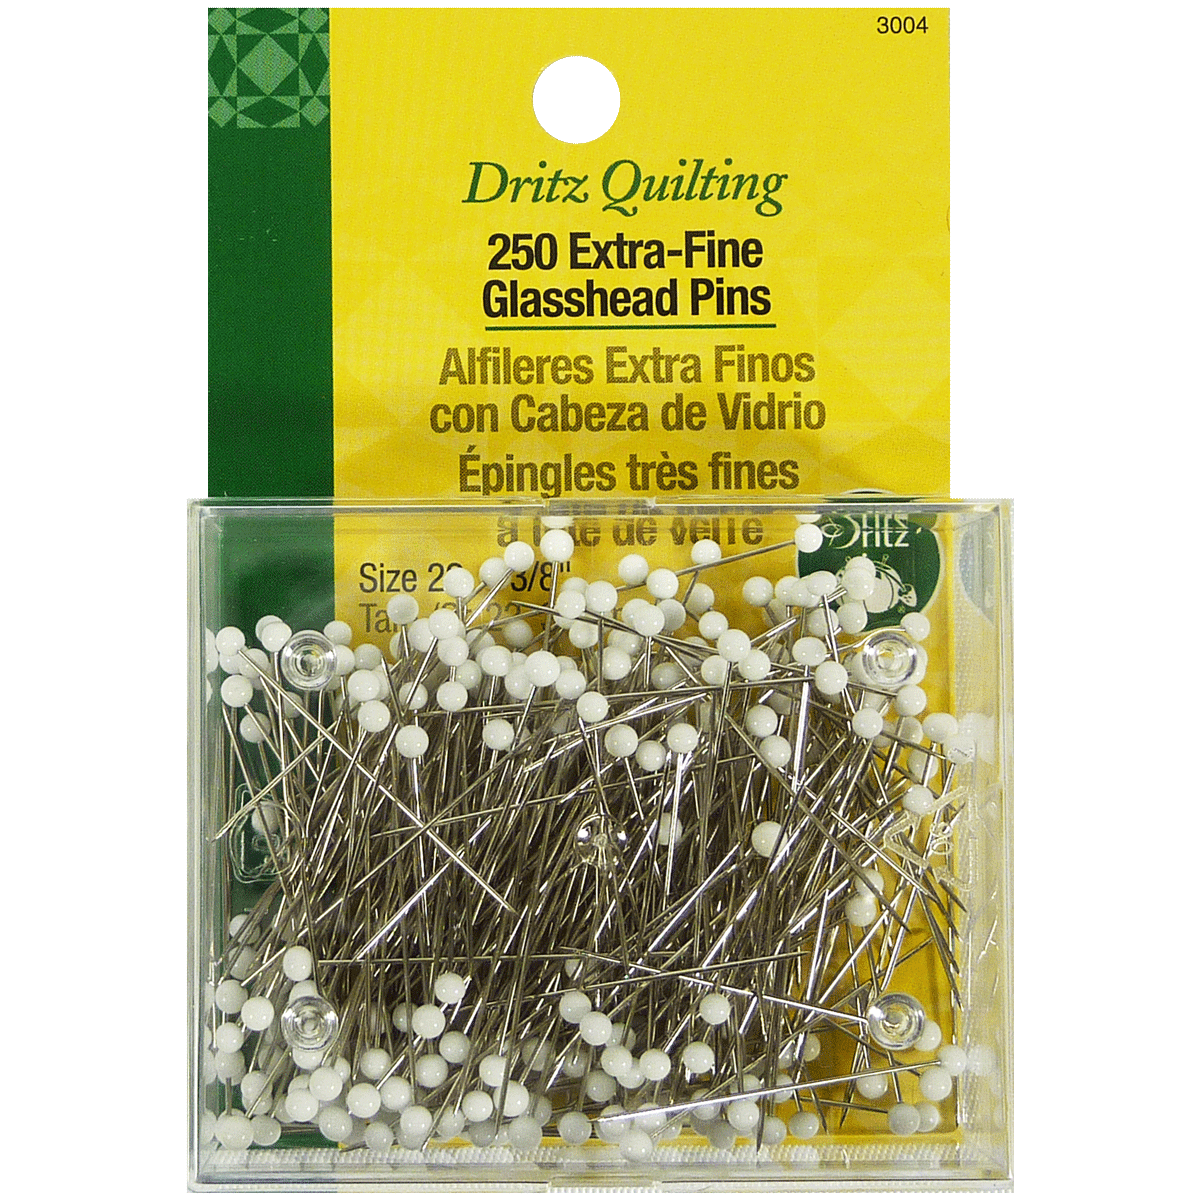 250 Épingles très Fines à Tête de Verre - Dritz Quilting